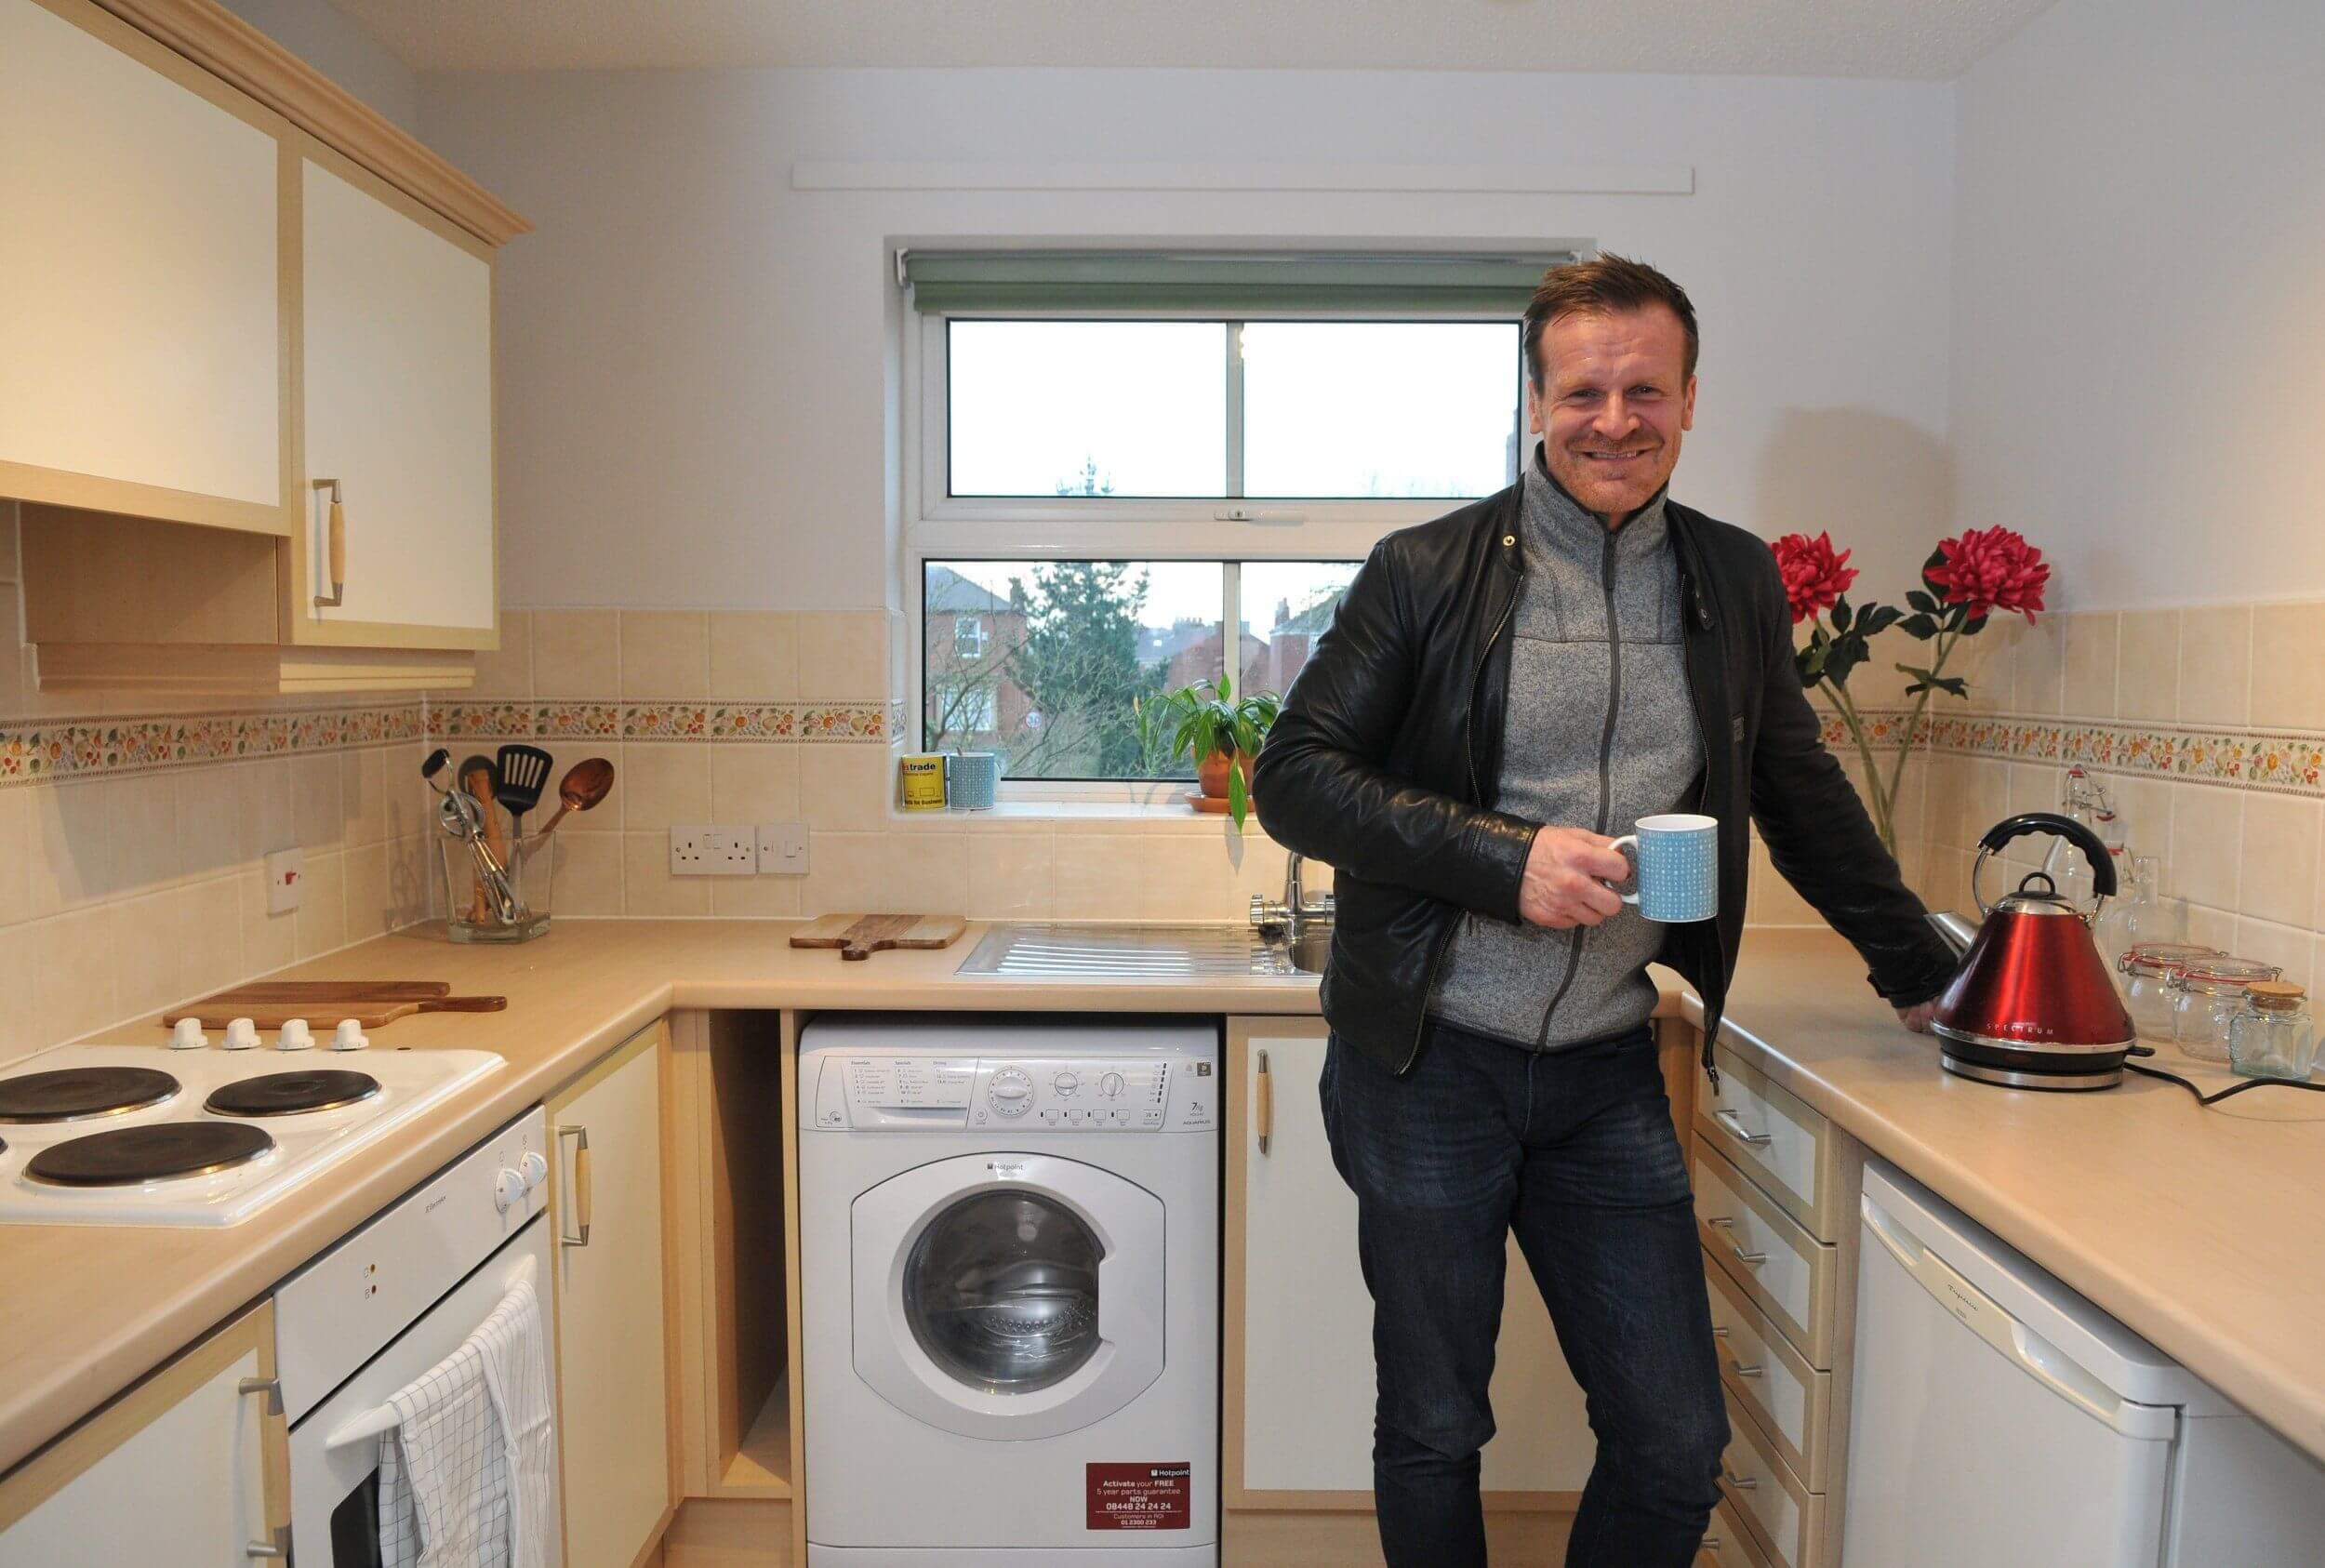 Миллионер подарит свою квартиру стоимостью 150 тысяч долларов тому, кто его попросит о жилье!